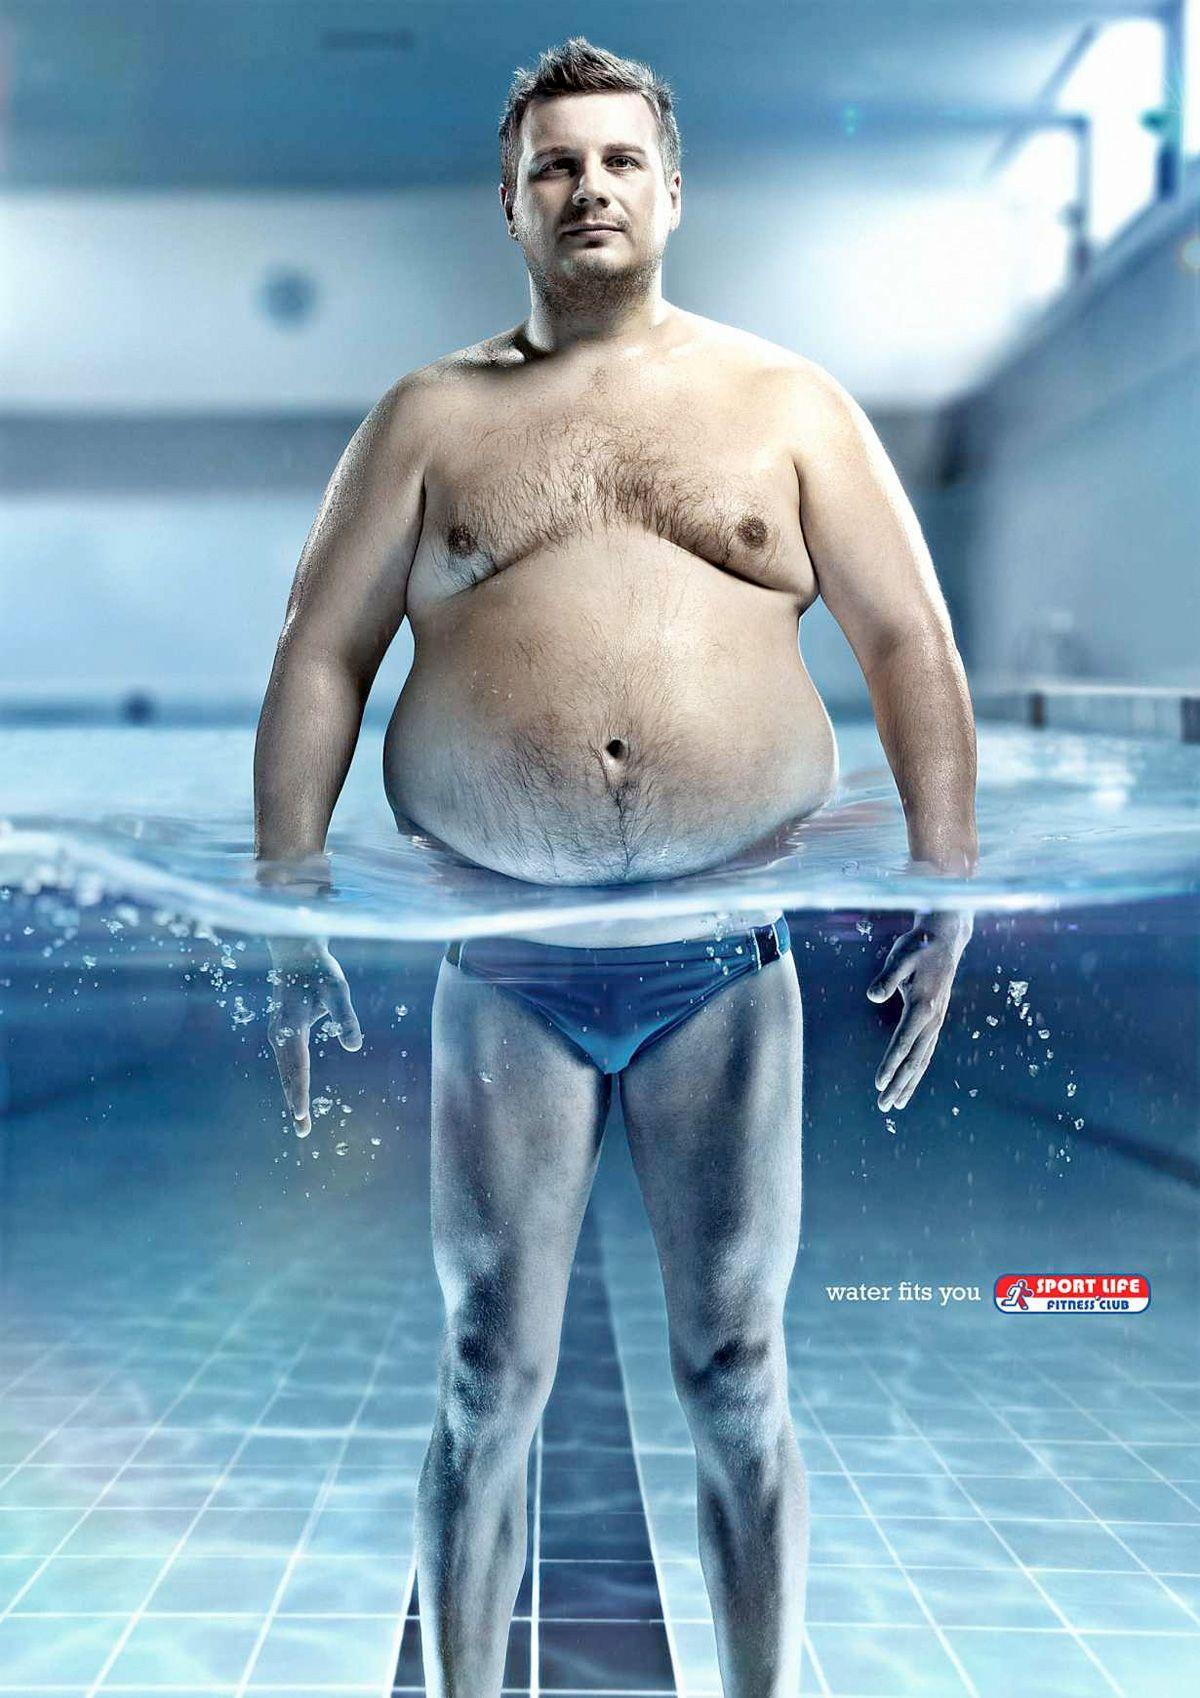 campagna pubblicitaria per perdere peso